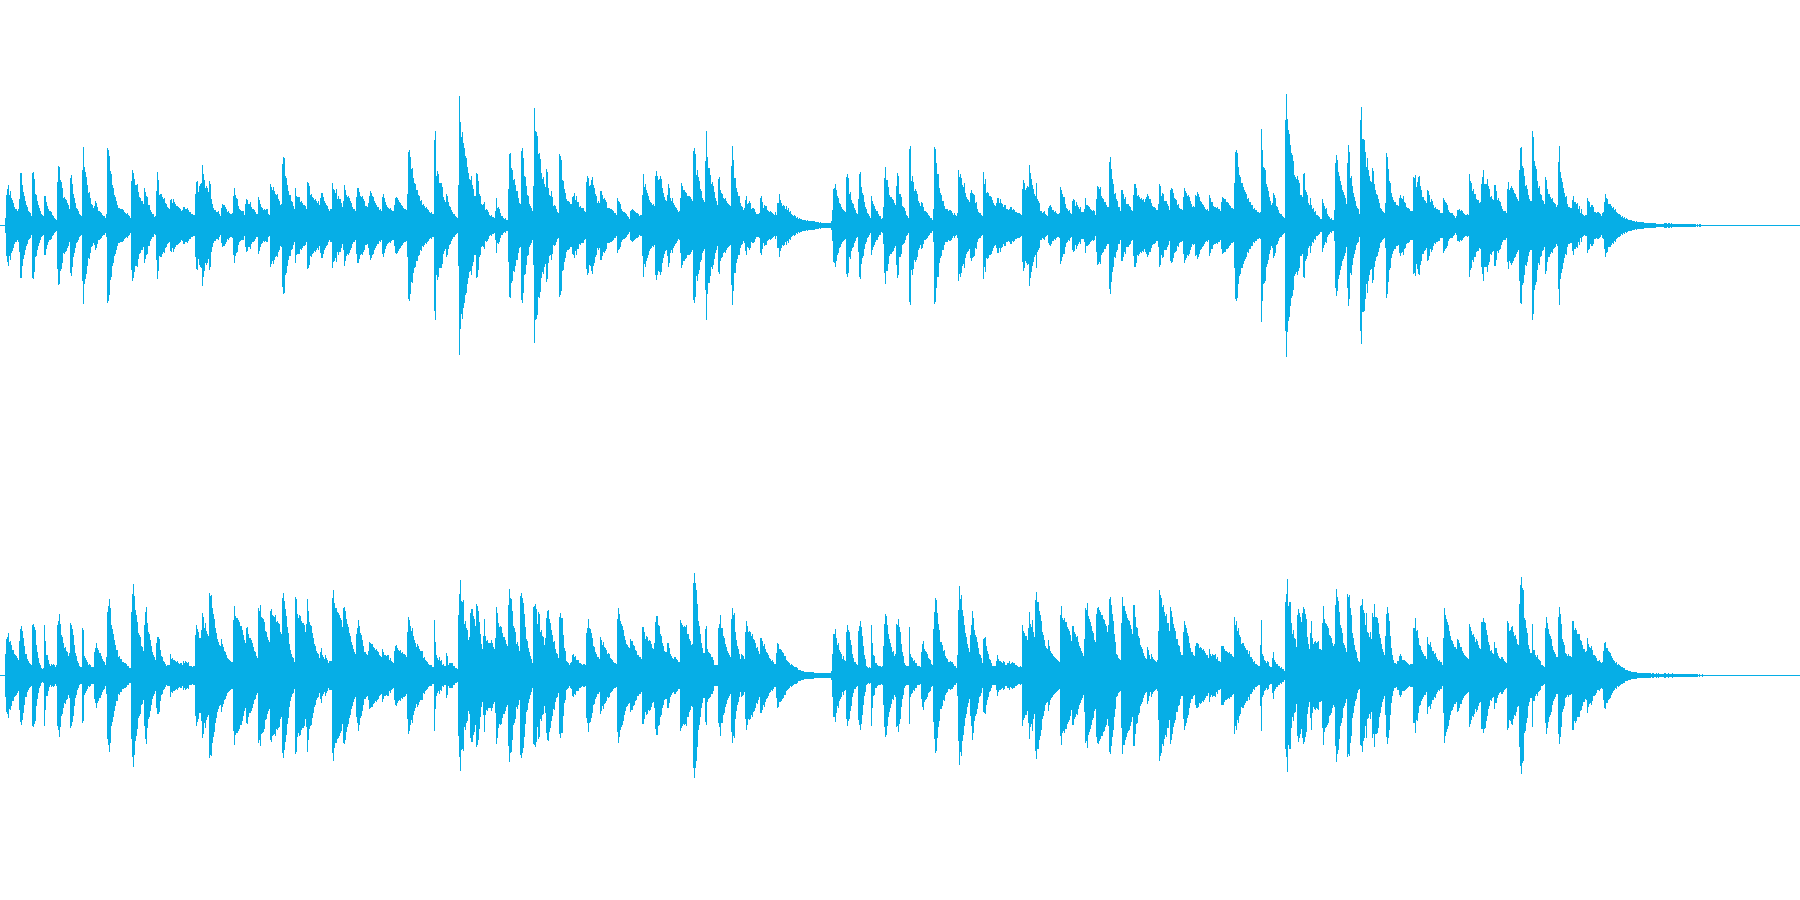 童謡「ひな祭り」シンプルなピアノソロの再生済みの波形